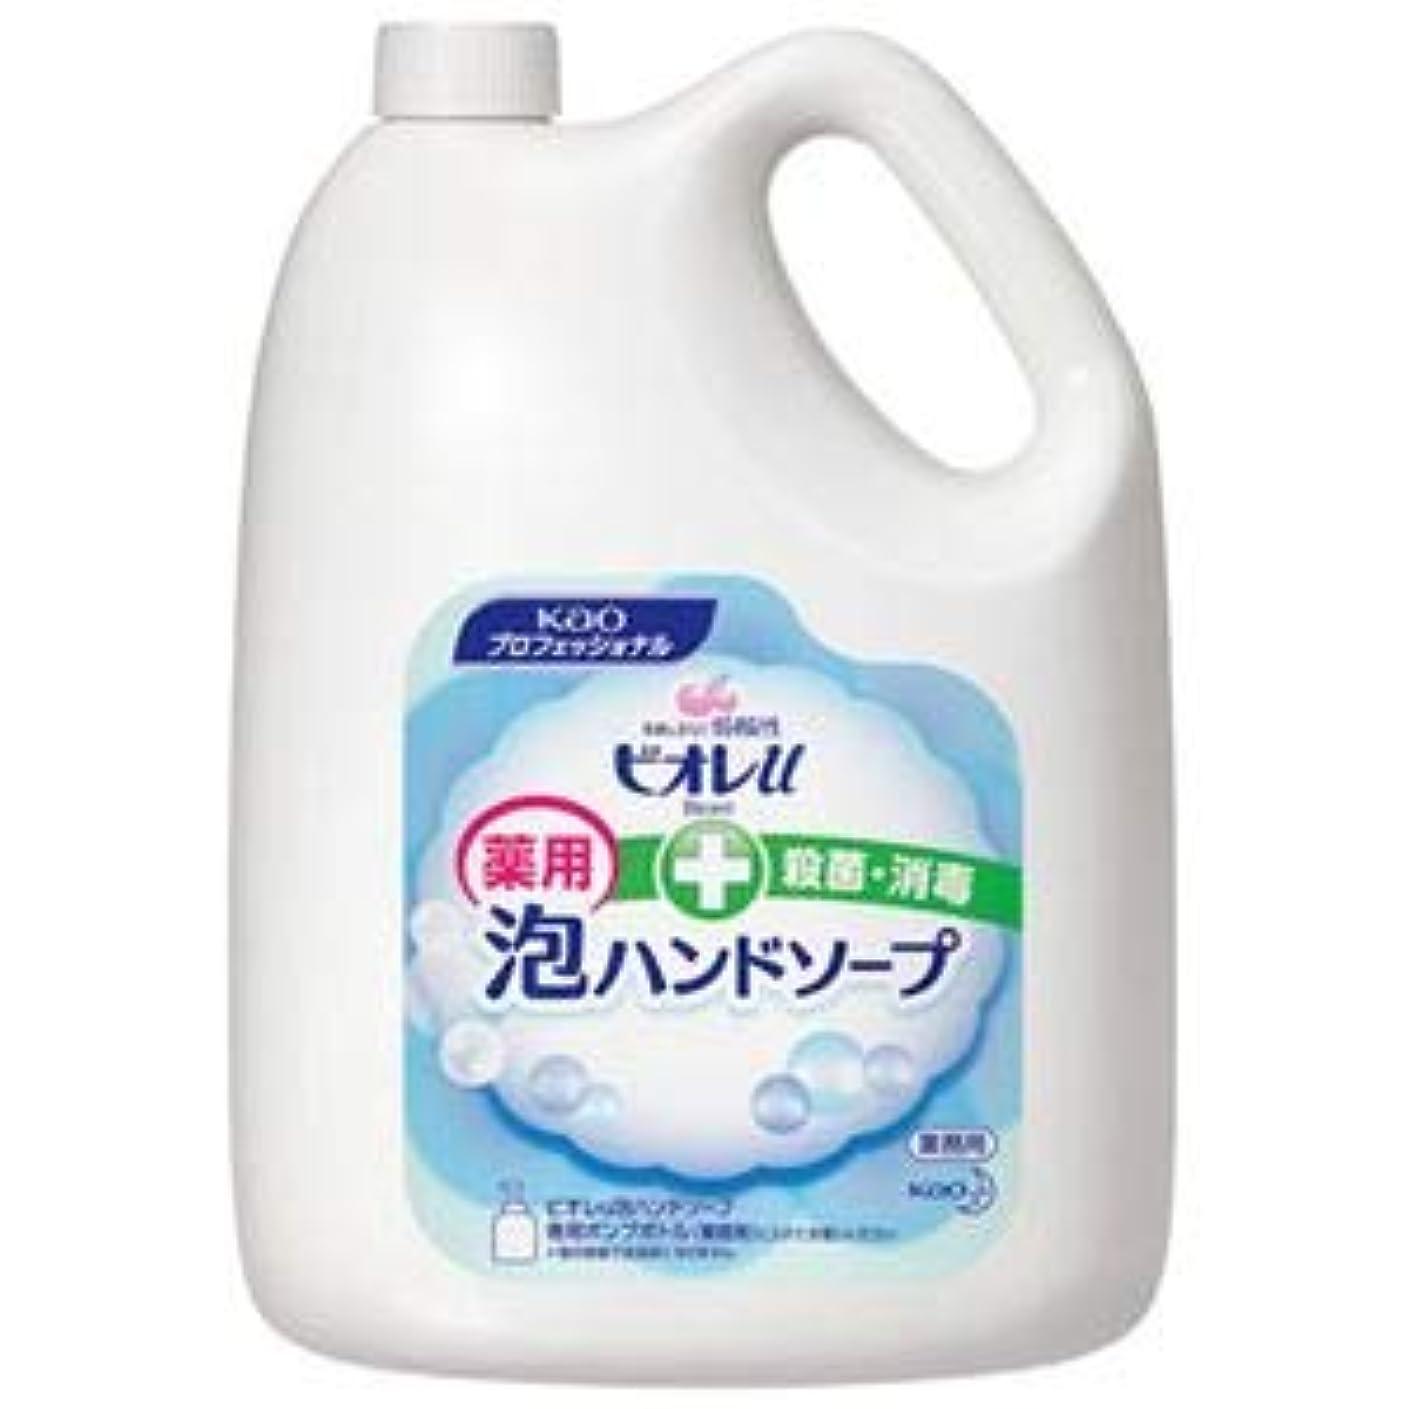 ジャーナル貫入葉巻(まとめ) 花王 ビオレU 泡ハンドソープ 業務用 4L【×3セット】